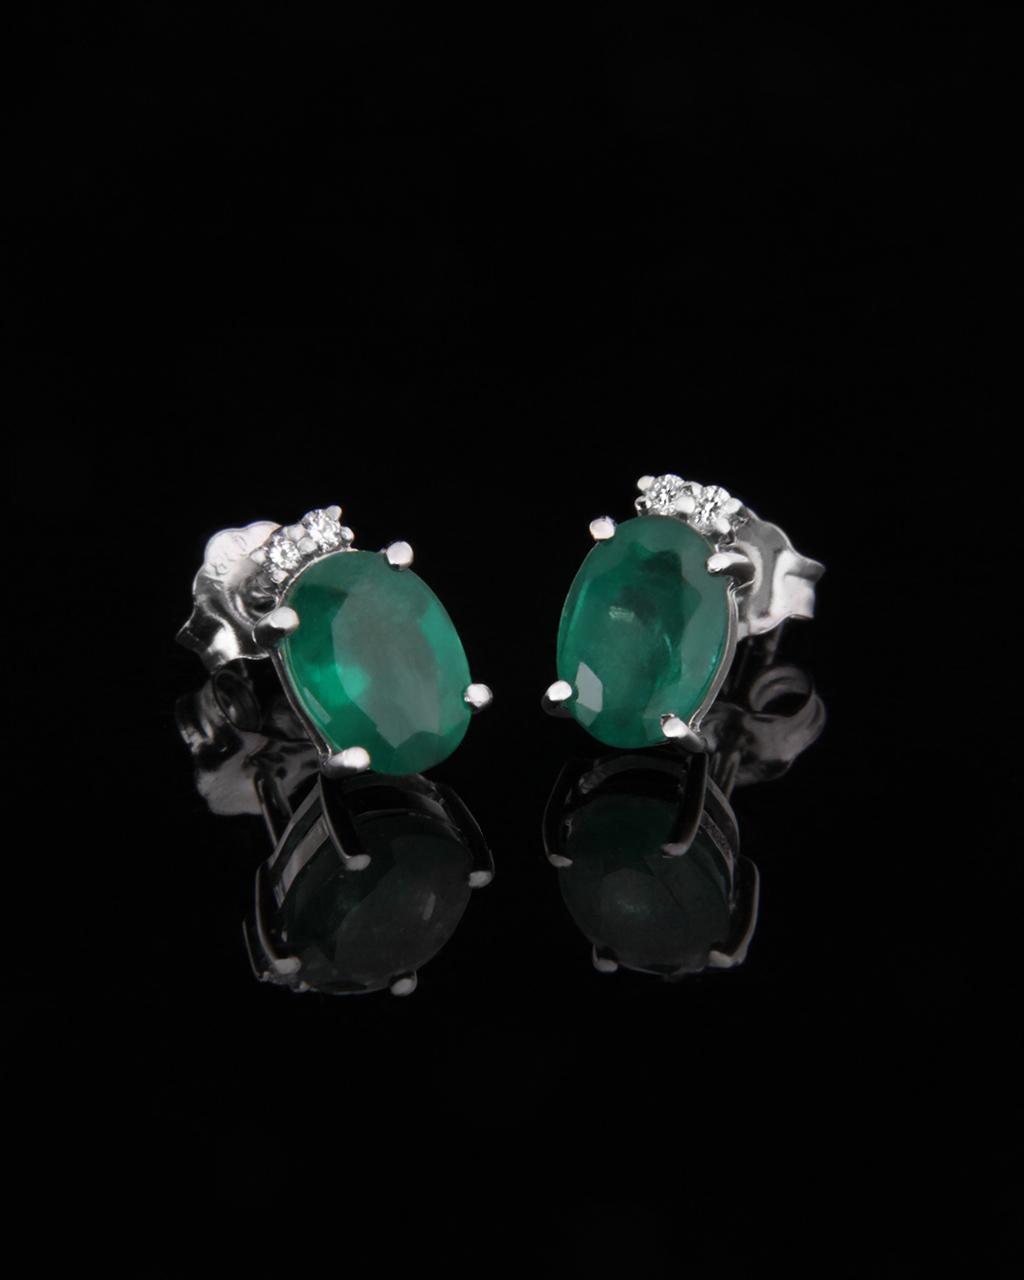 Σκουλαρίκια λευκόχρυσα Κ18 με Διαμάντια & Σμαράγδια   γυναικα σκουλαρίκια σκουλαρίκια με διαμάντια